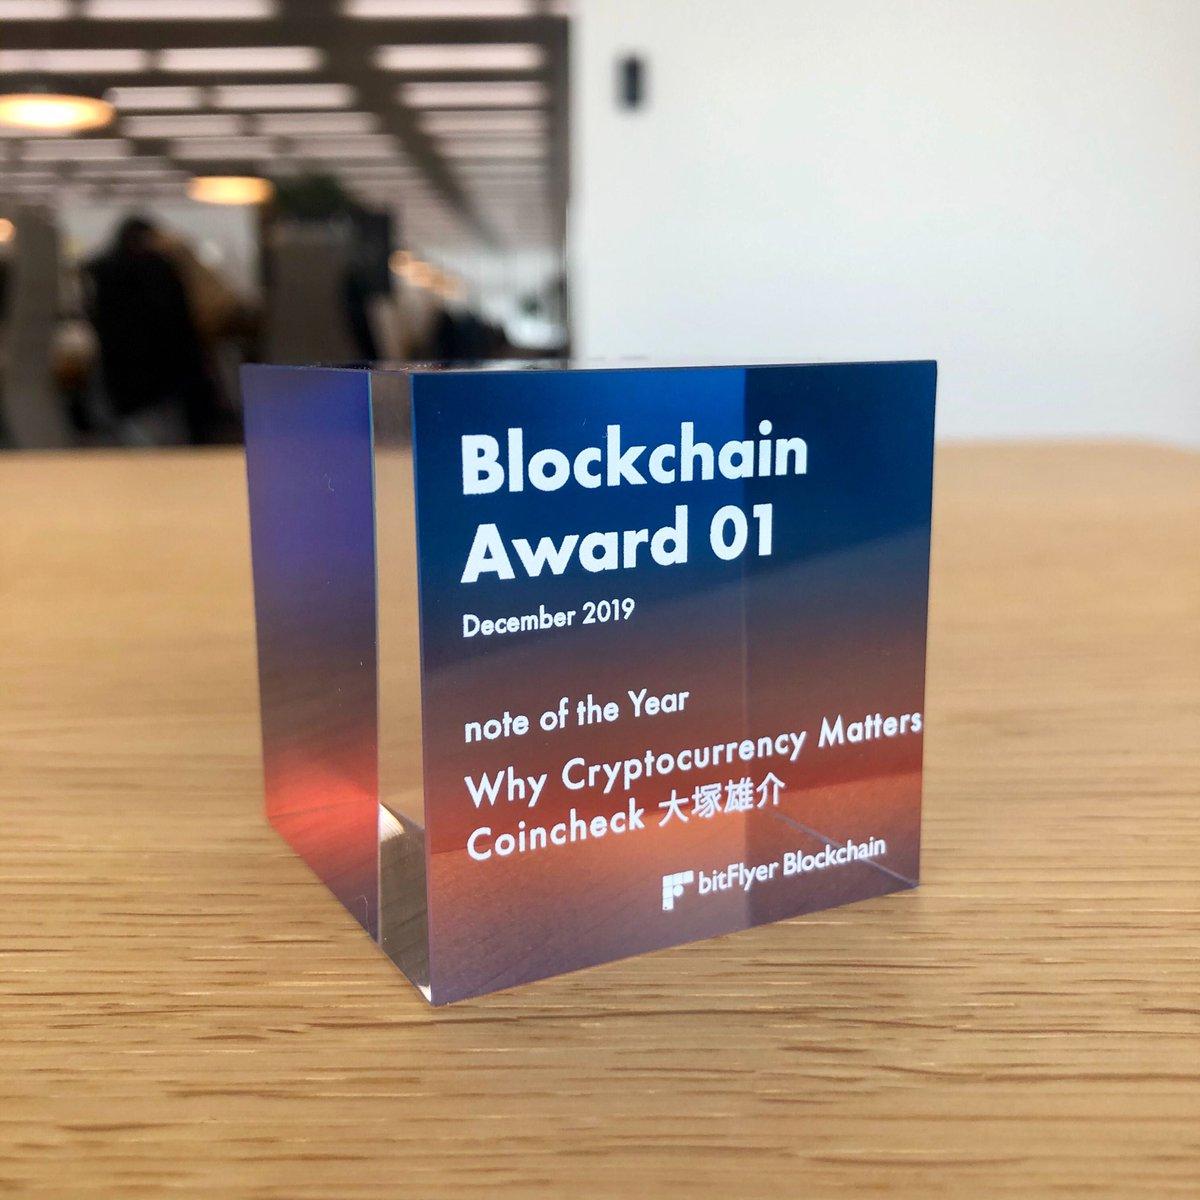 Blockchain Award 01 note of the Year をいただきました! @YuzoKano さん @KanemitsuMidori さん ありがとうございます。「一般の人々に仮想通貨の可能性が伝わっていない。」という課題感を持っており、このnoteを書きました。来年はこの課題解決できたらと考えています。